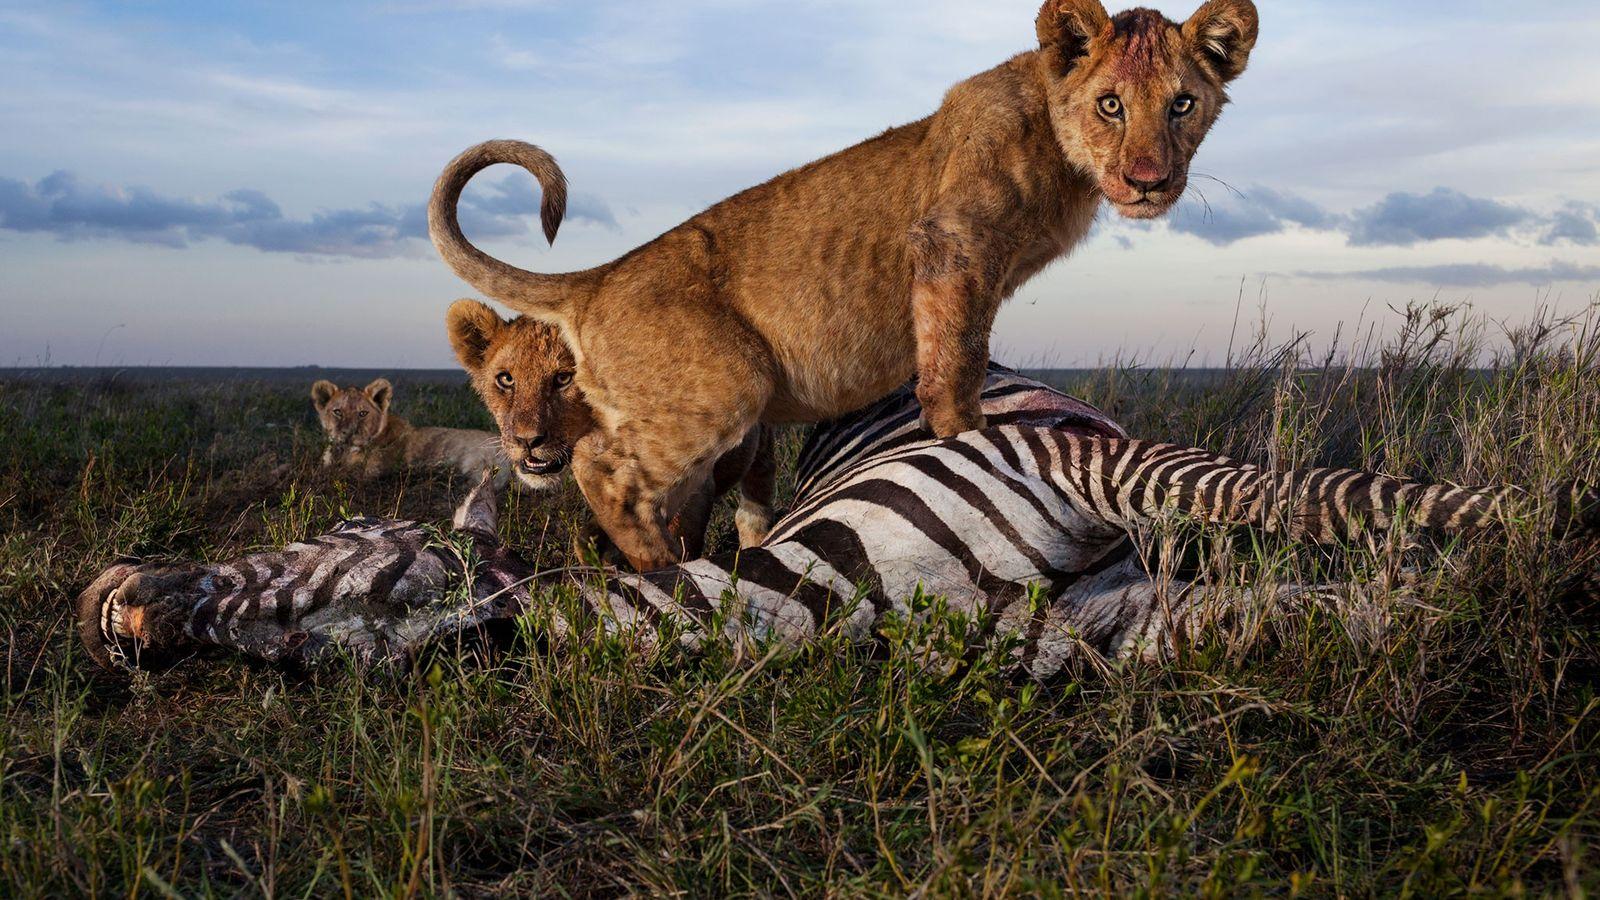 Löwin auf Zebra